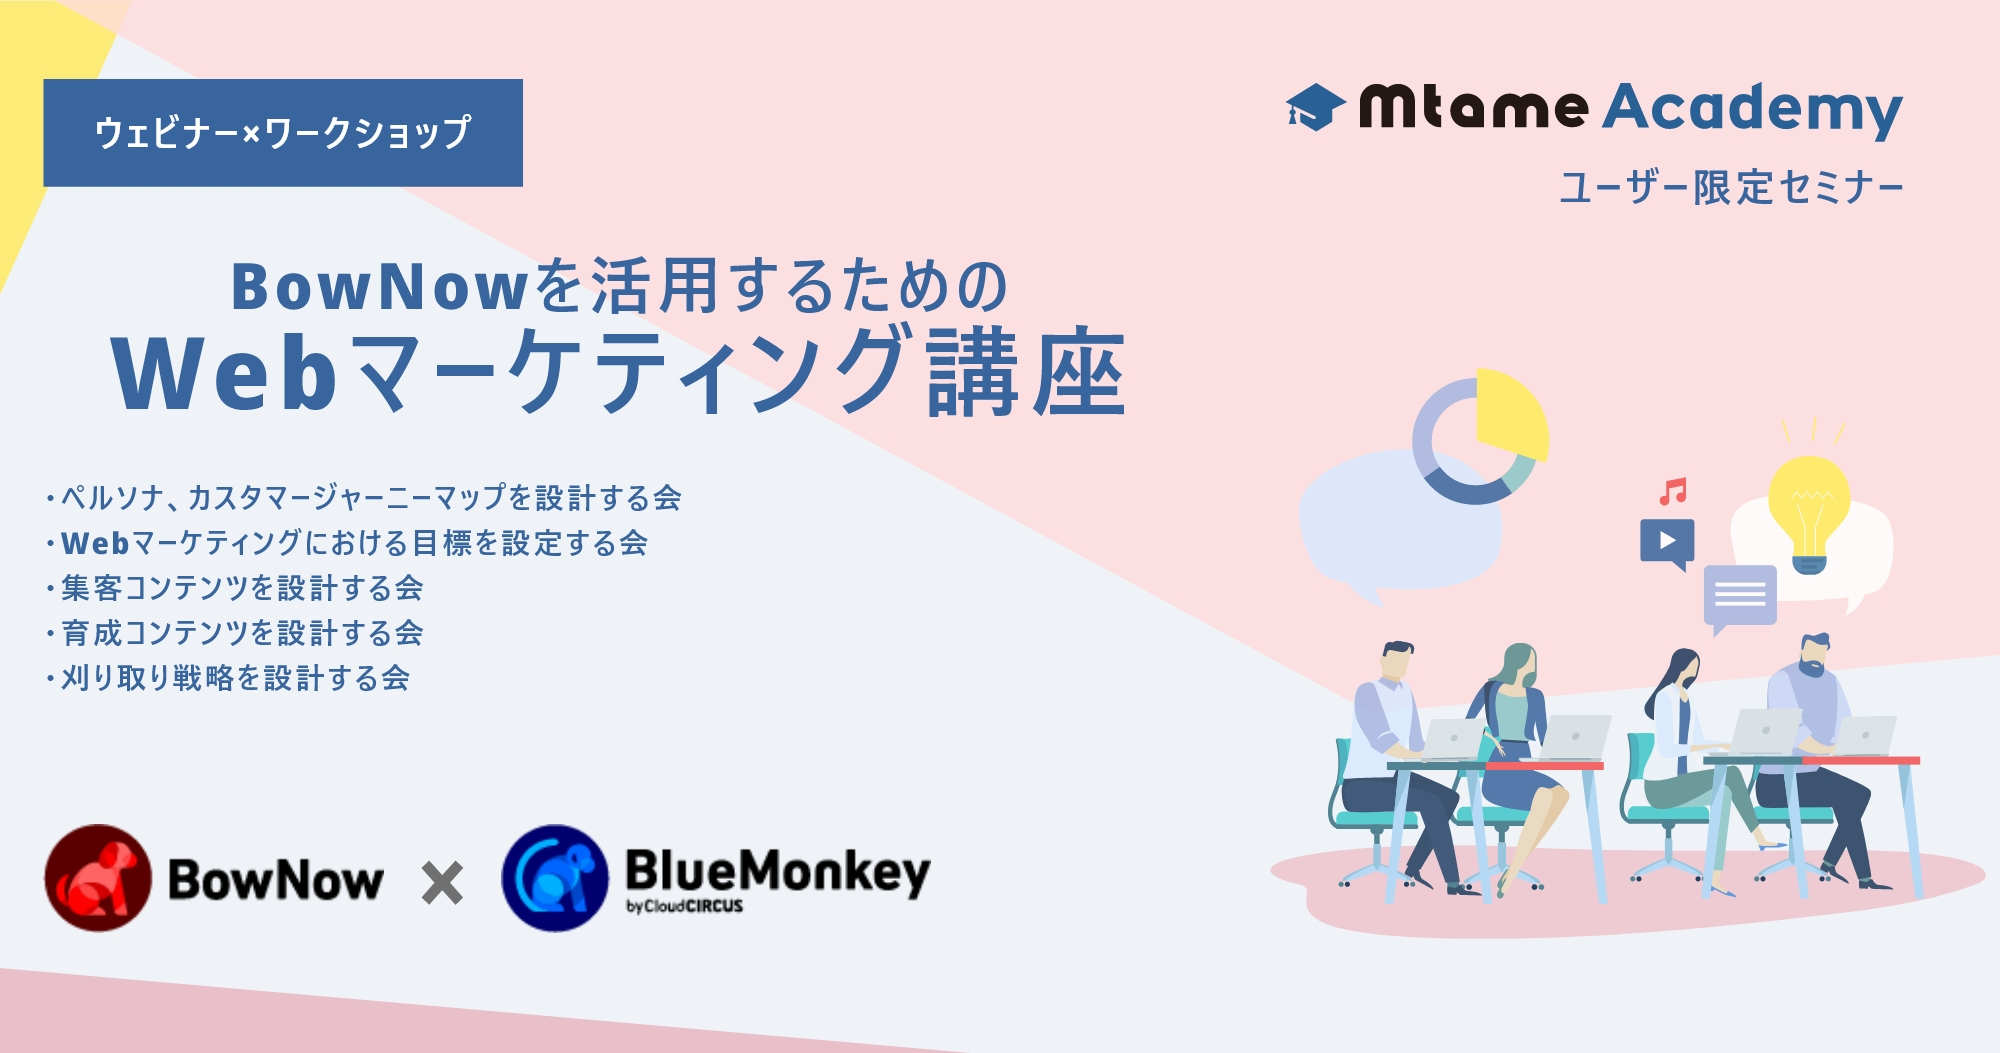 【1/13(水)~2/10(水)】[動画配信×ワークショップ]BowNowを活用するためのWebマーケティング講座